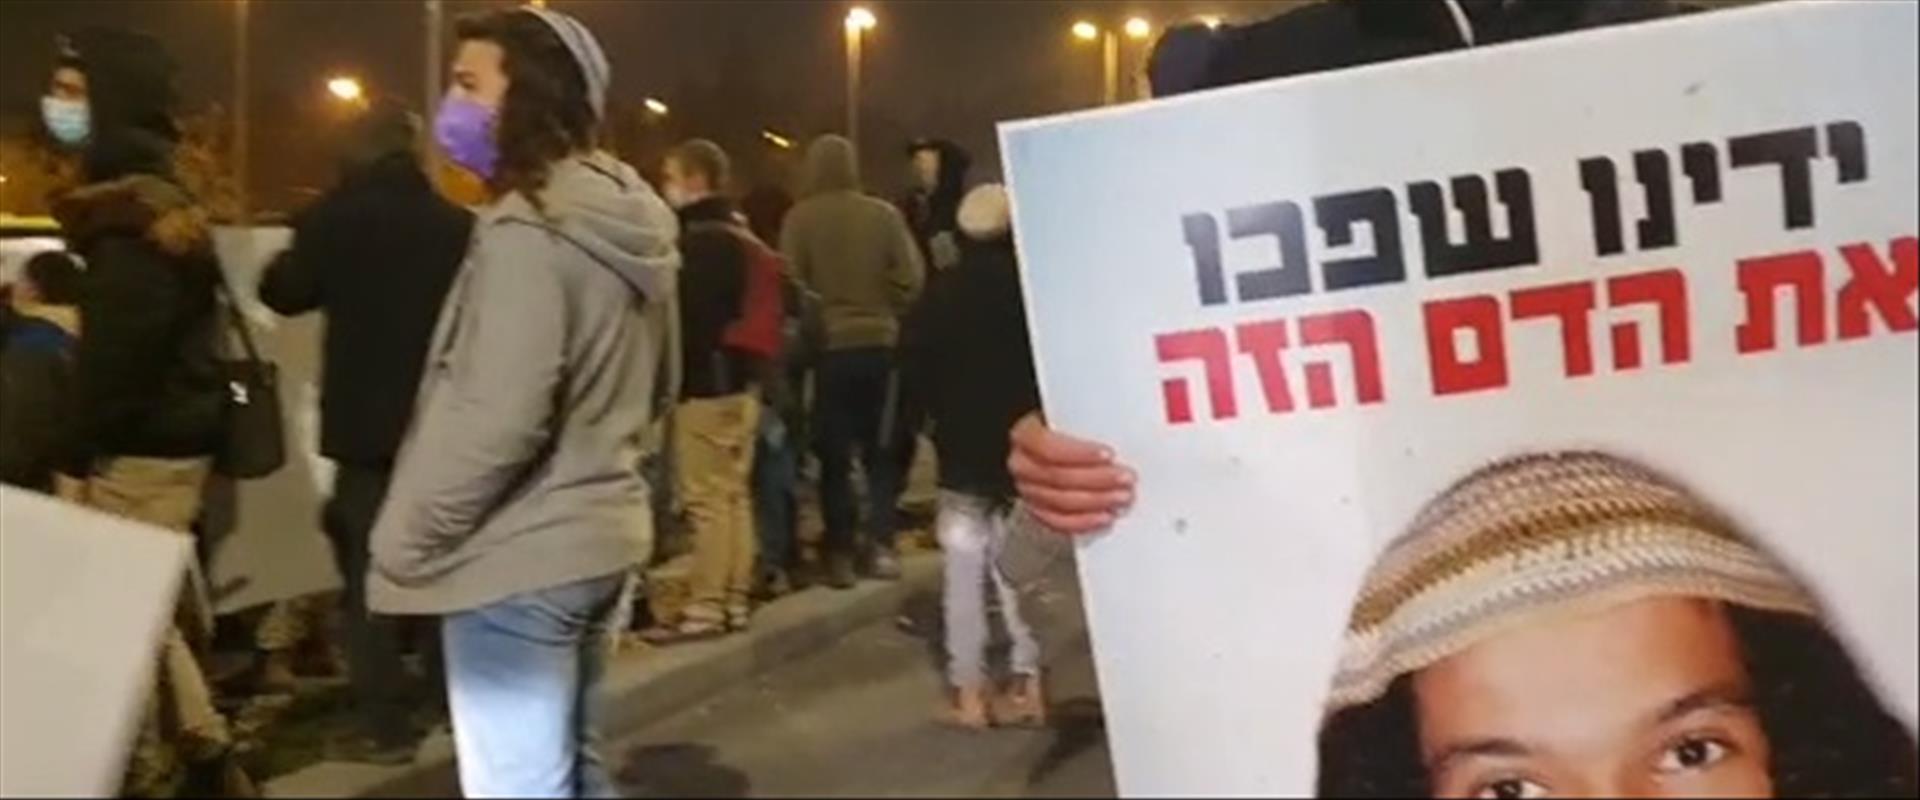 הפגנה בירושלים על מותו של נער הגבעות אהוביה סנדק